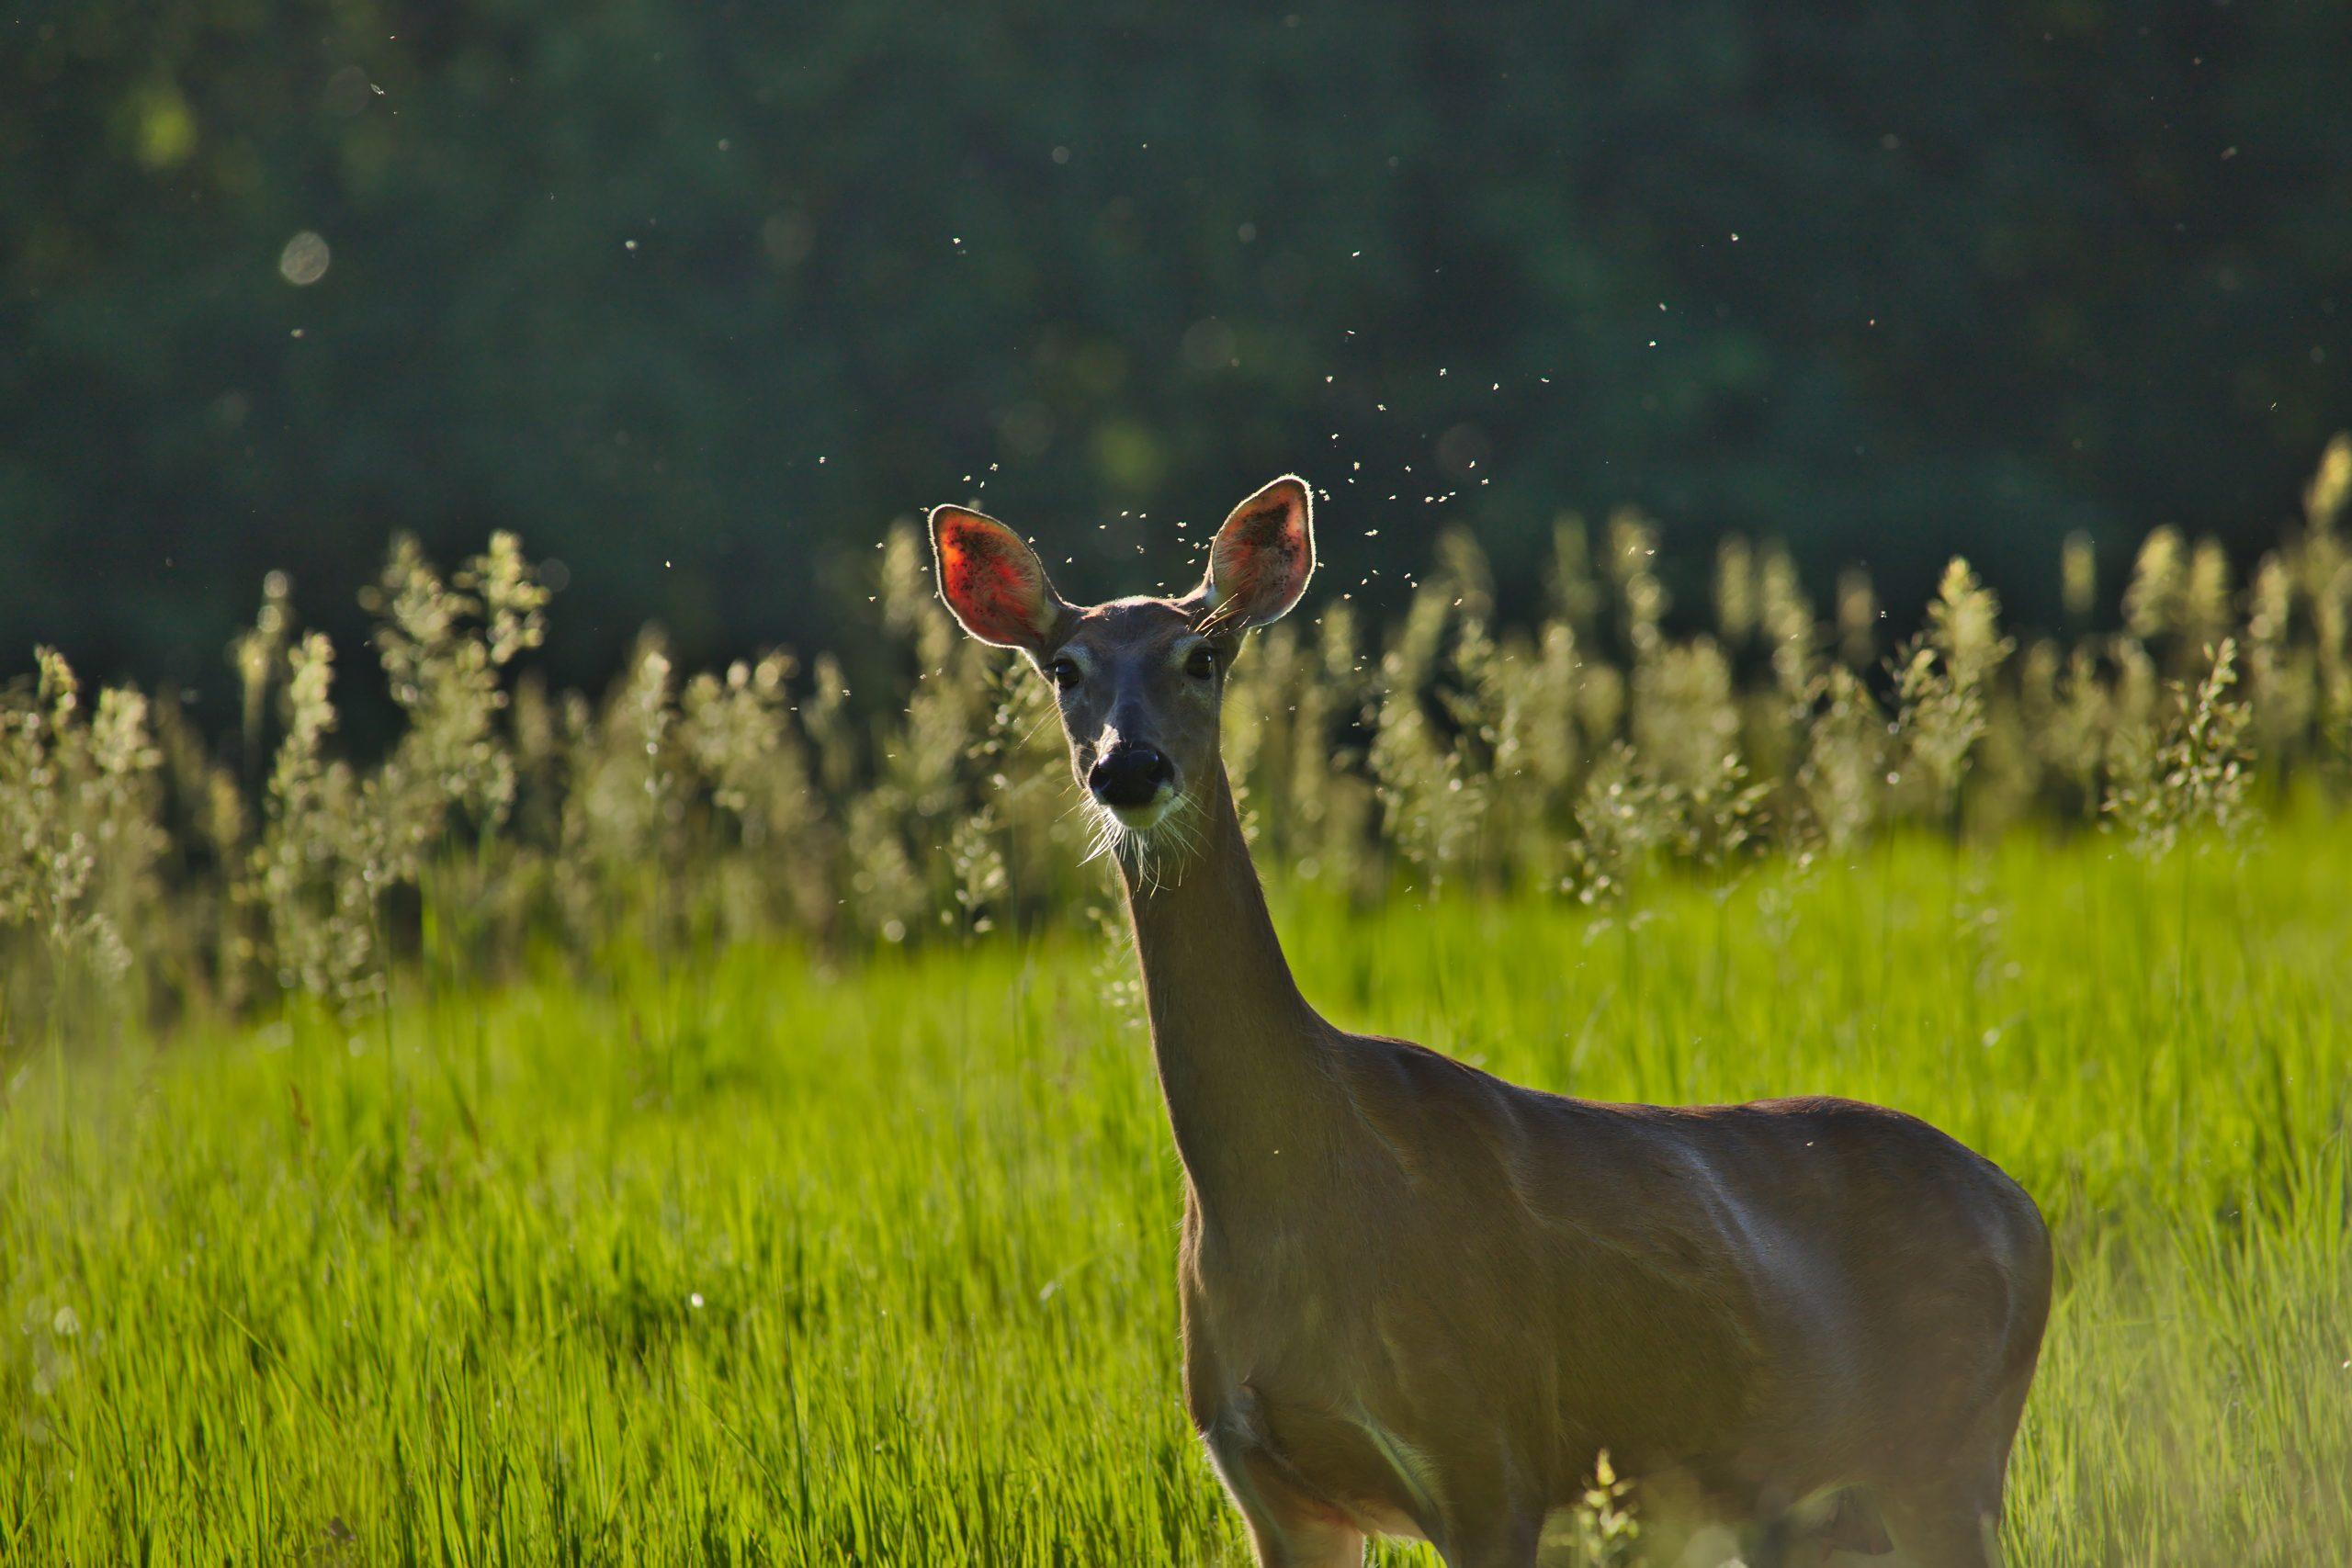 Momma Deer